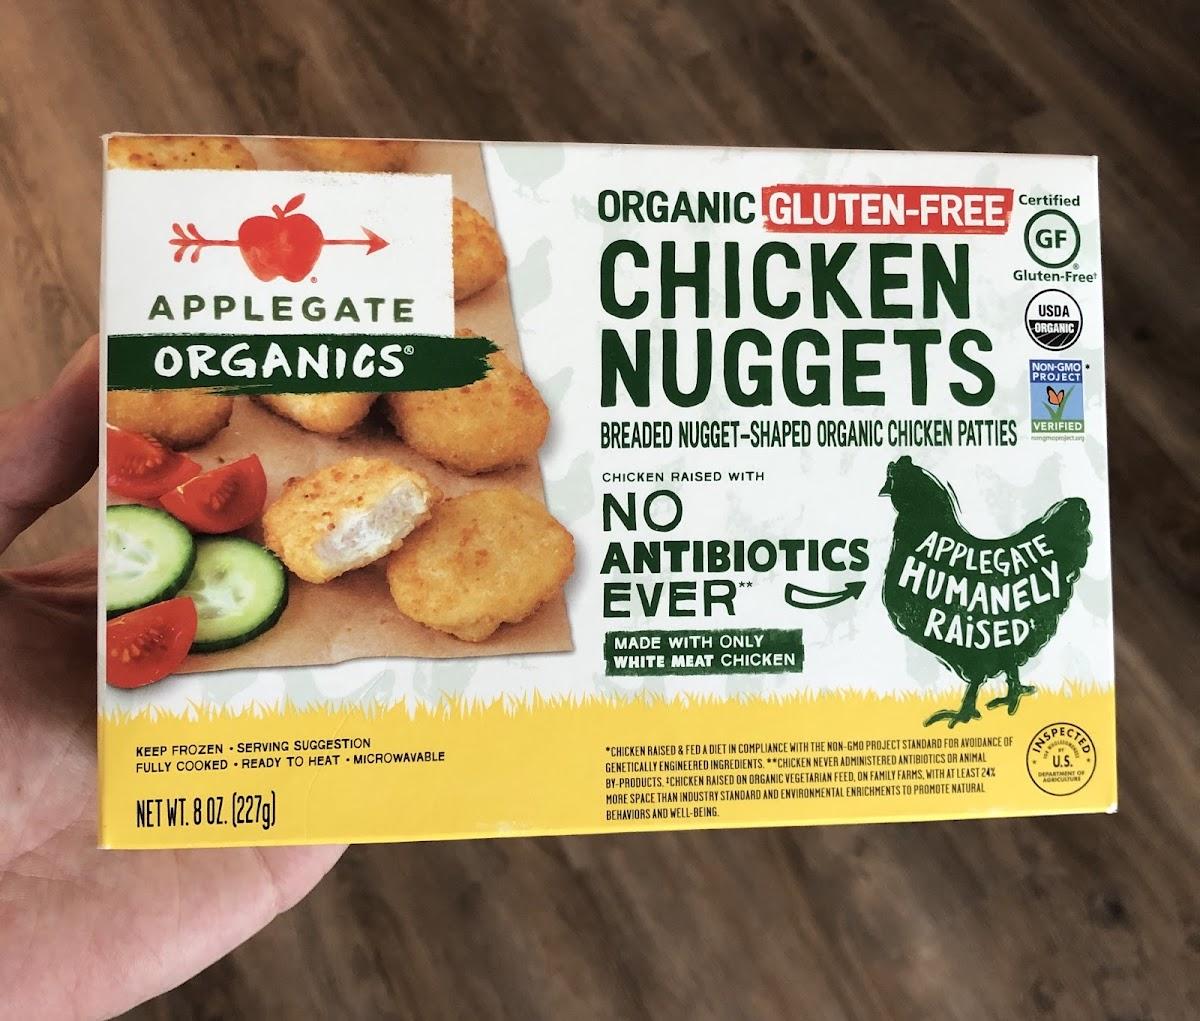 Organic Gluten-Free Chicken Nuggets